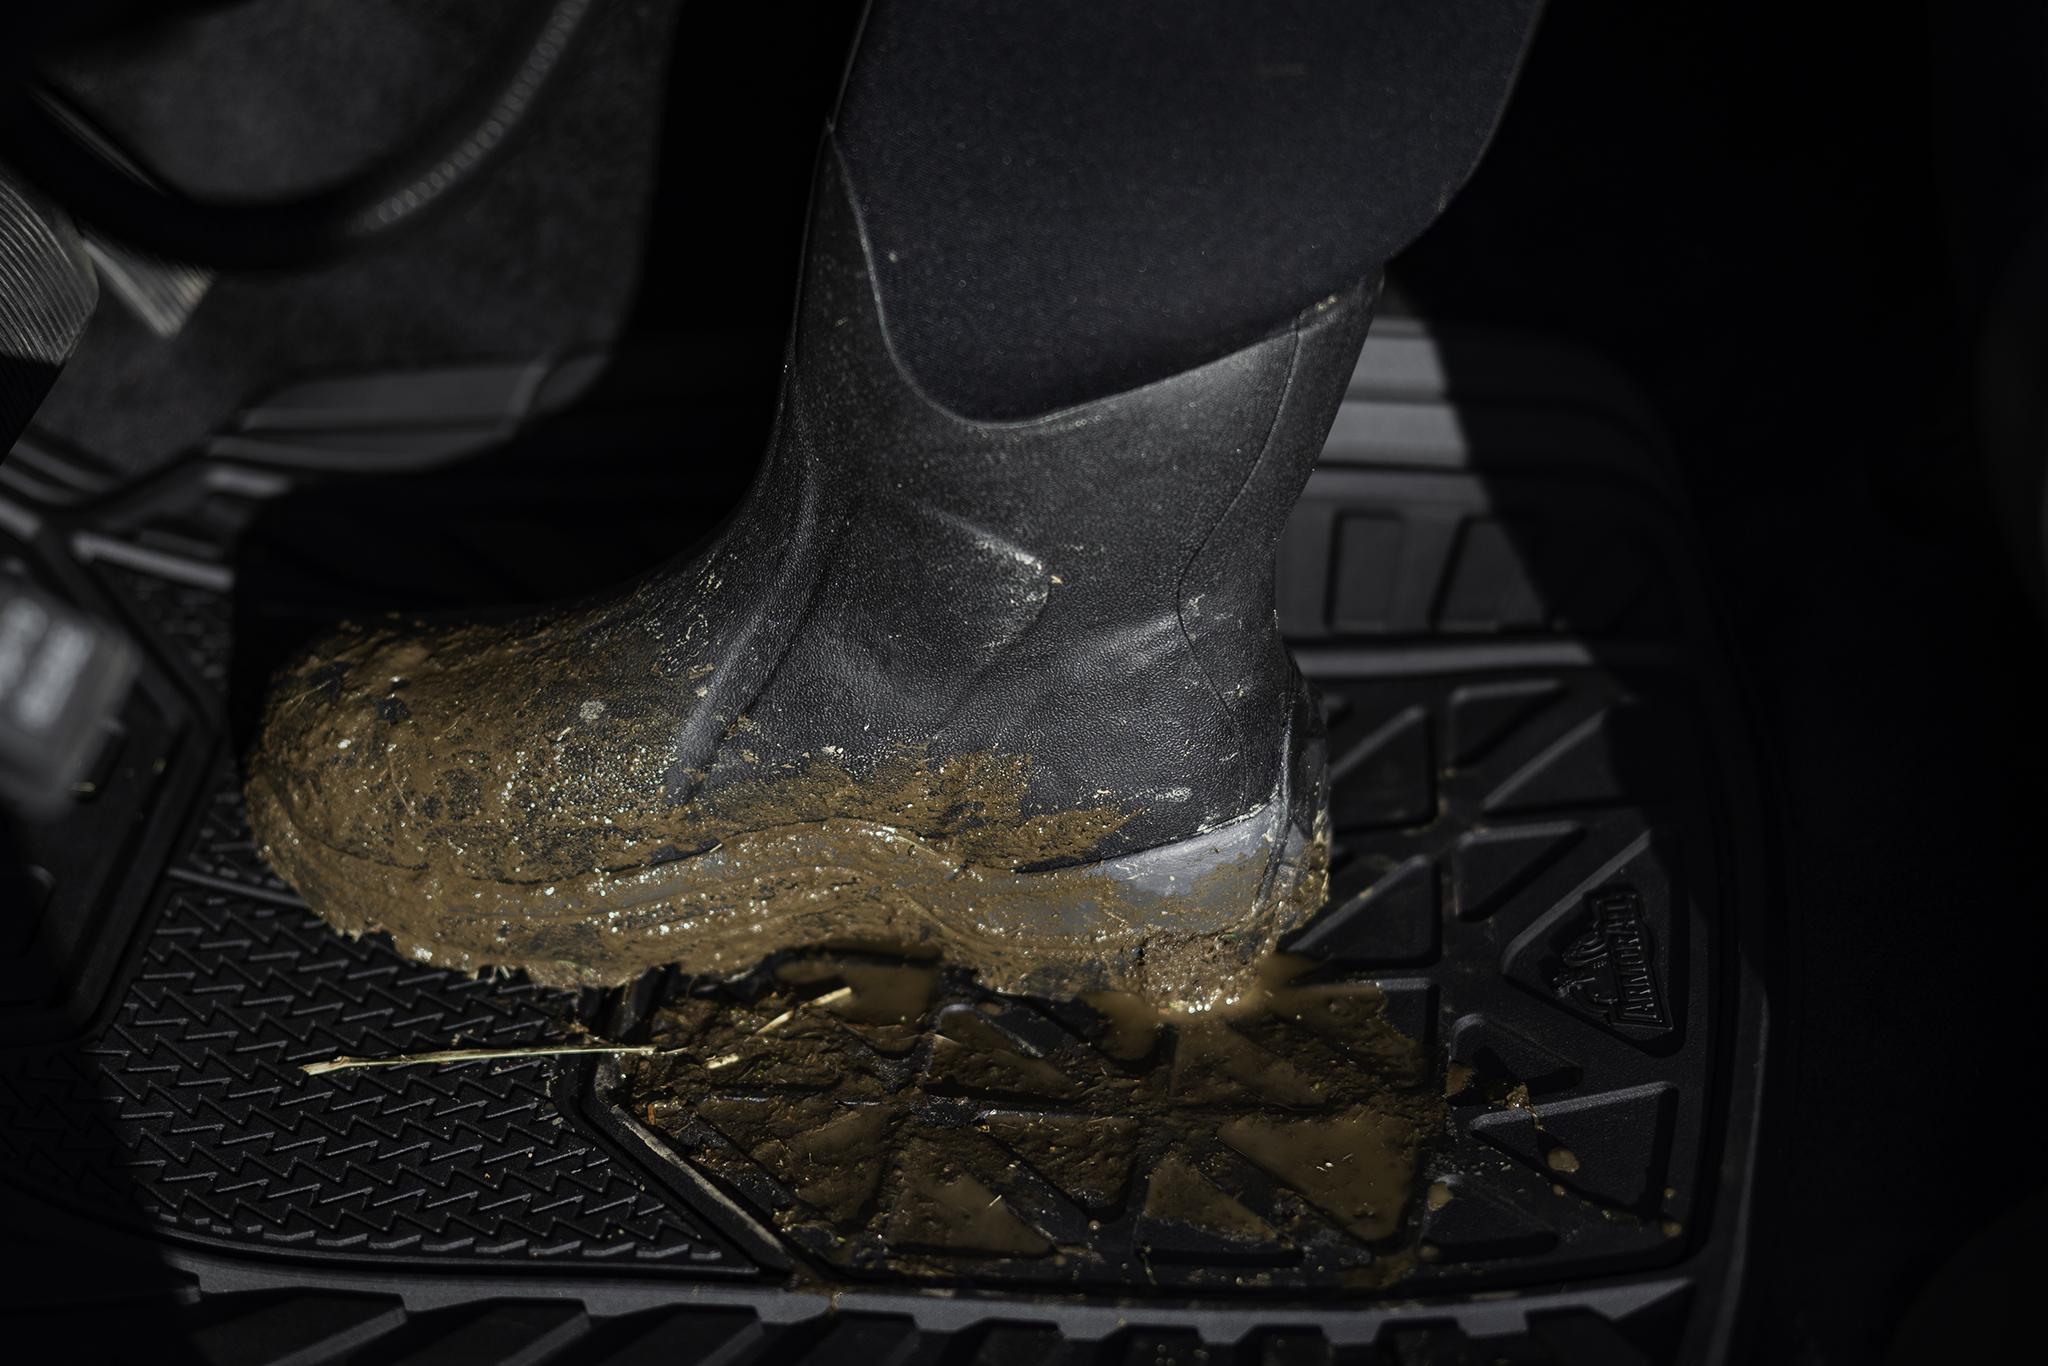 Armor All Floor Mats - Black Boots.jpg